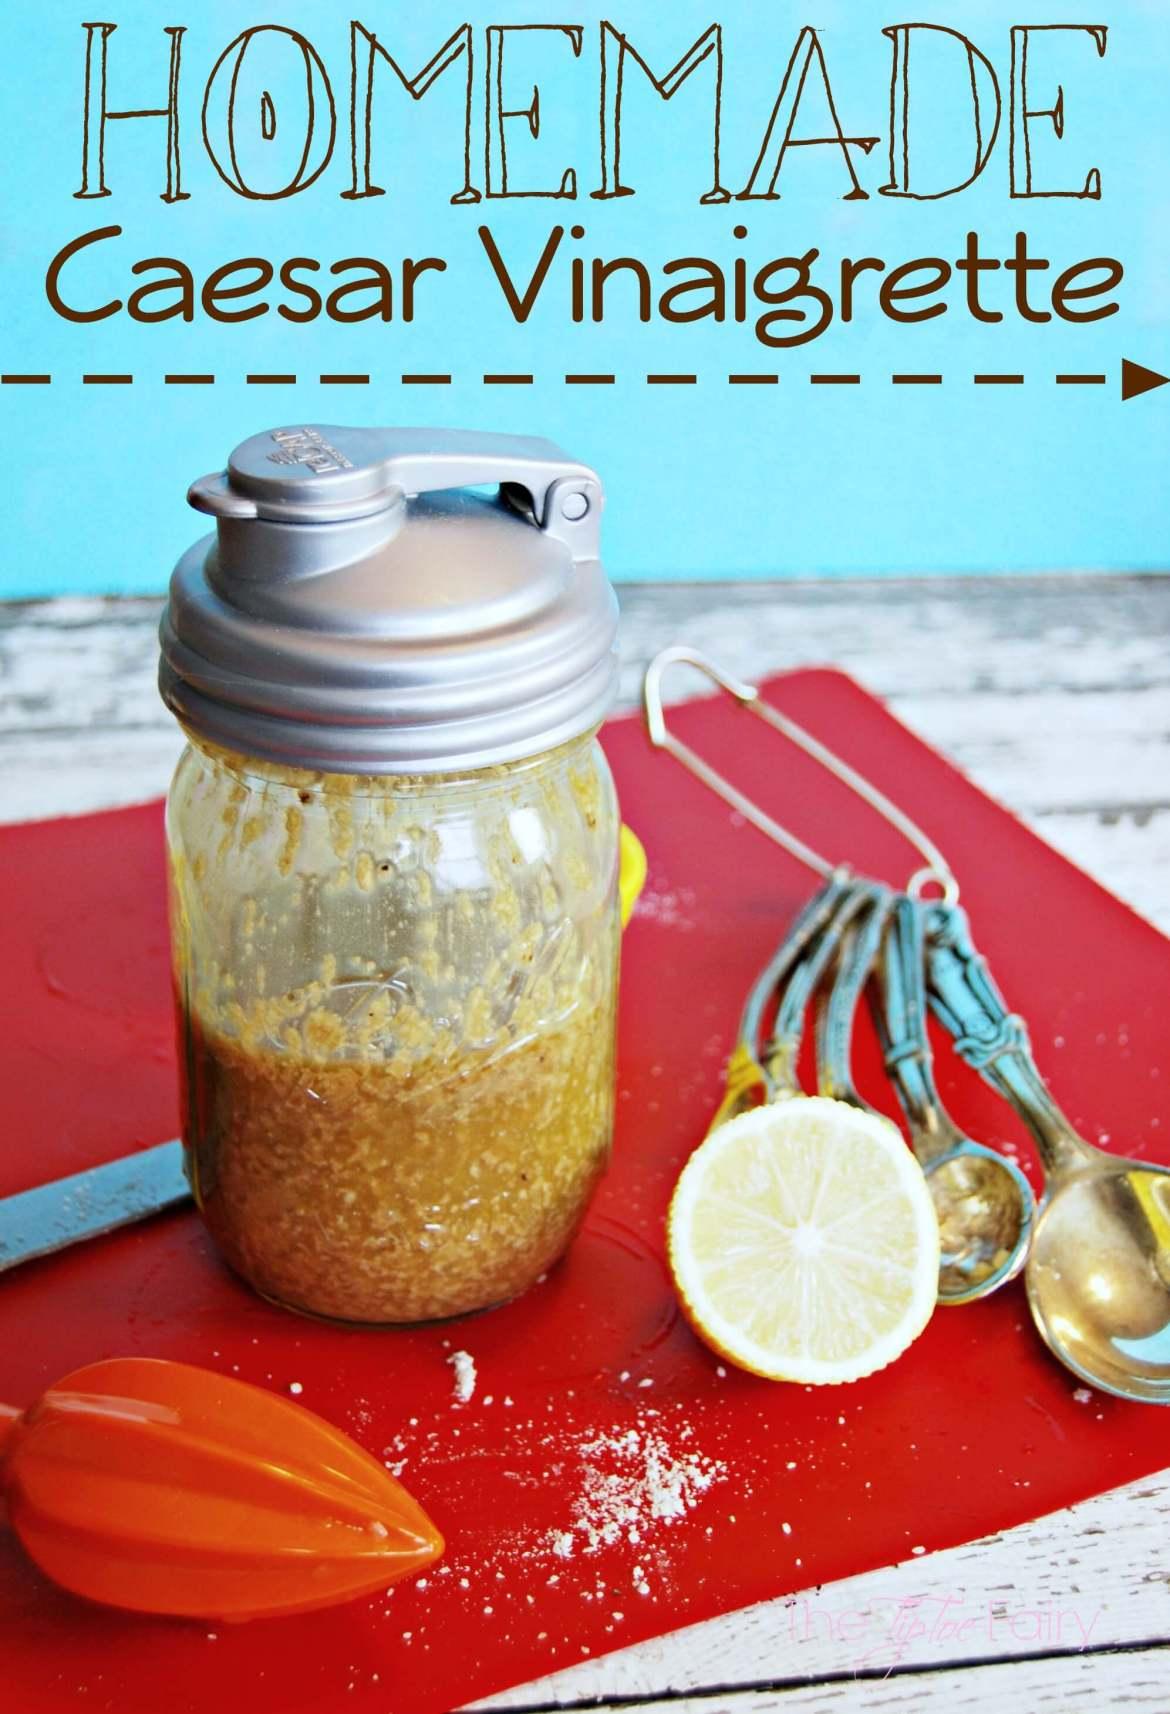 Homemade Caesar Vinaigrette Dressing